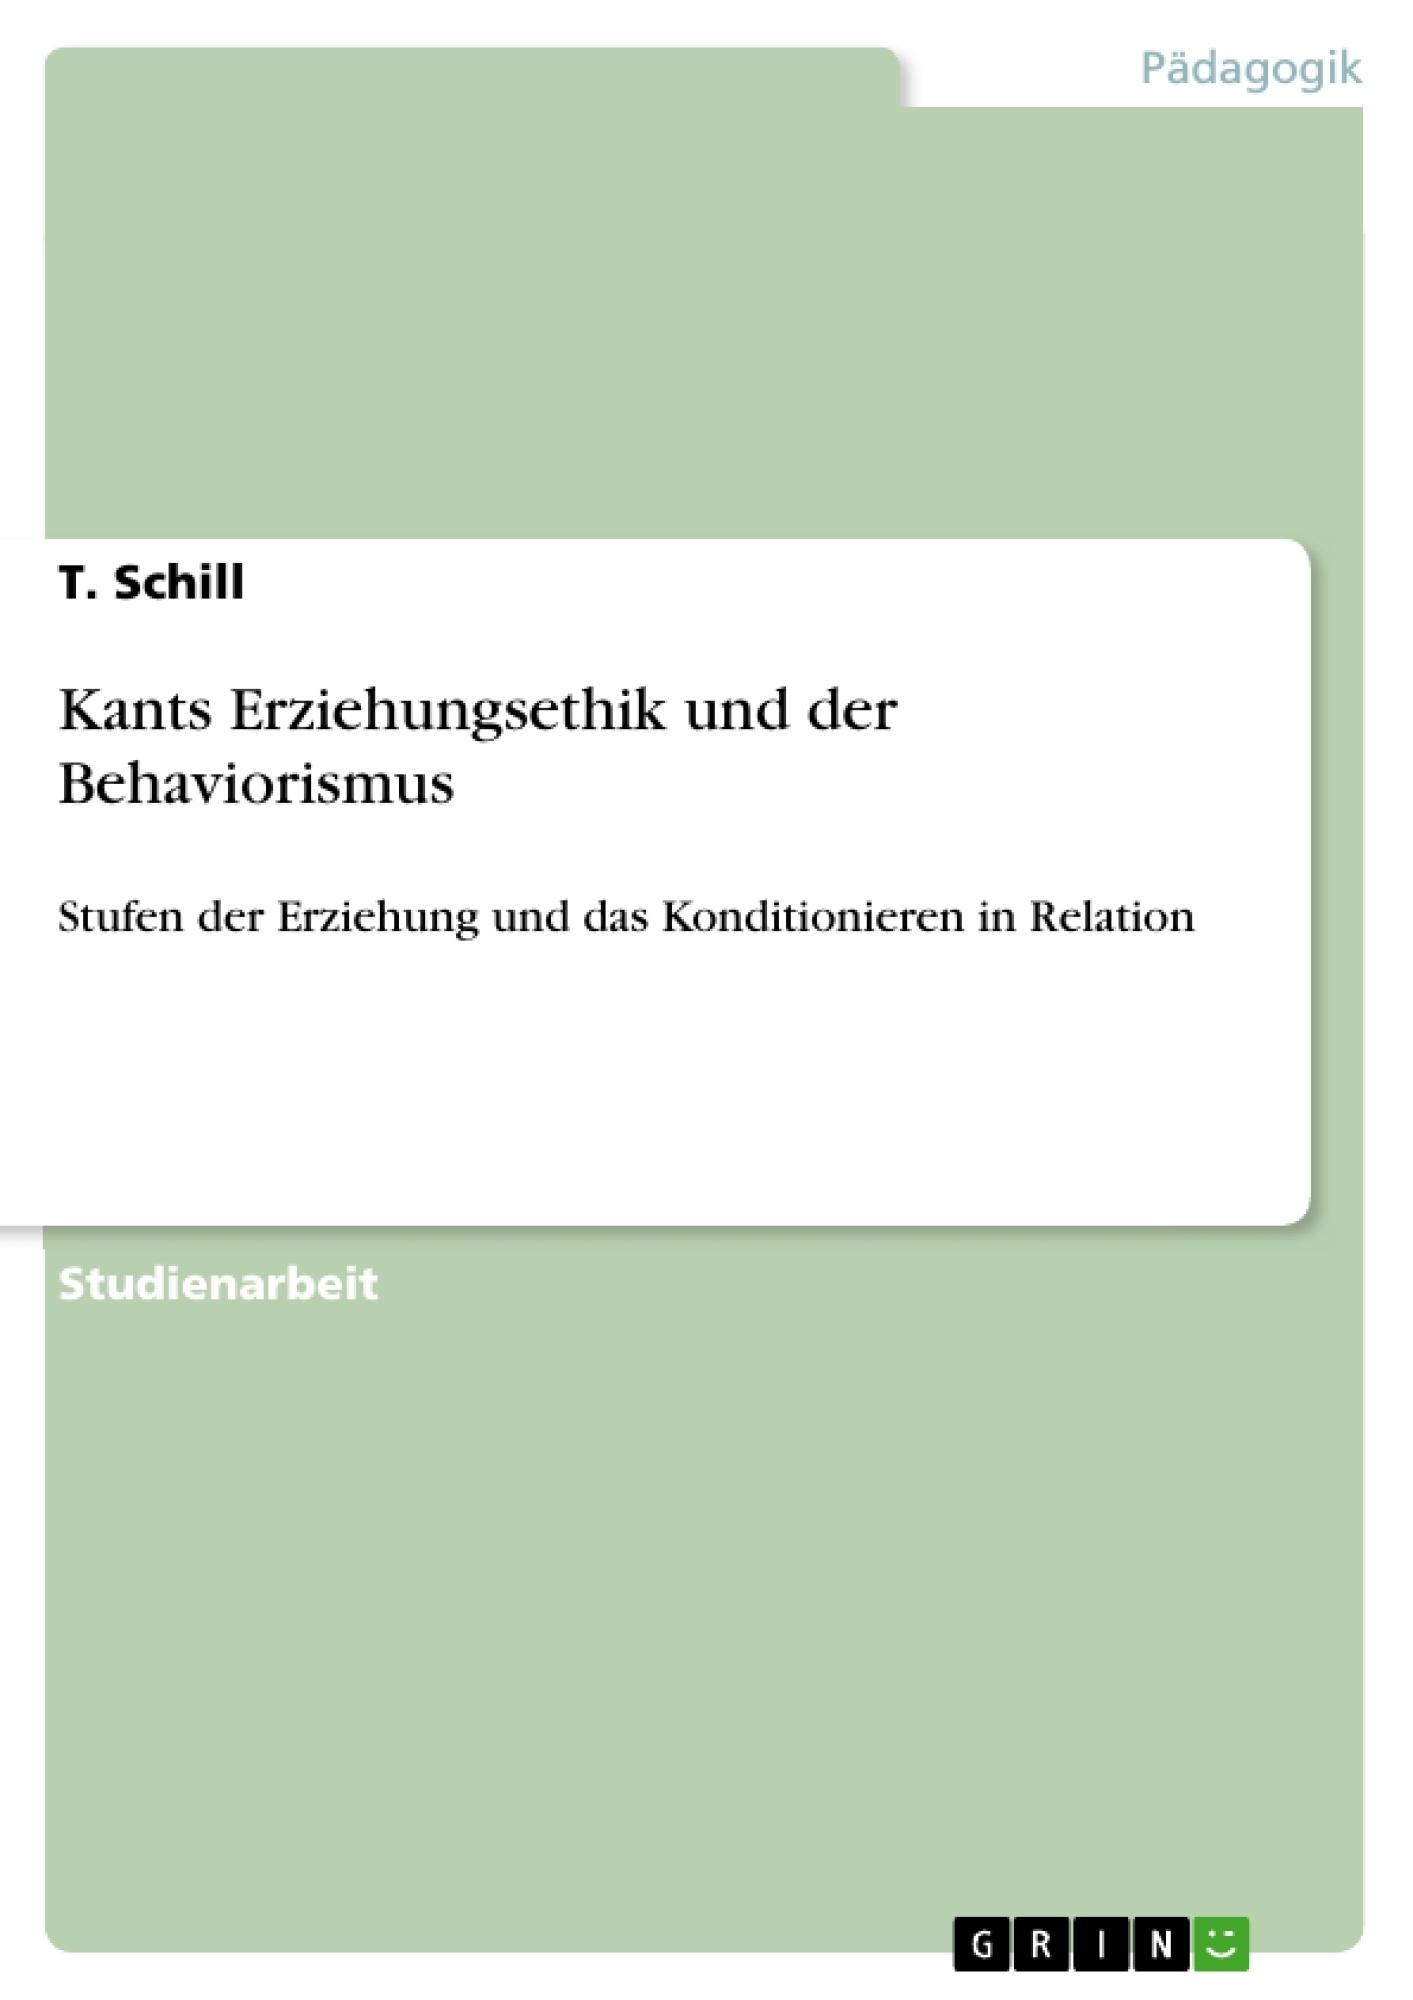 Titel: Kants Erziehungsethik und der Behaviorismus